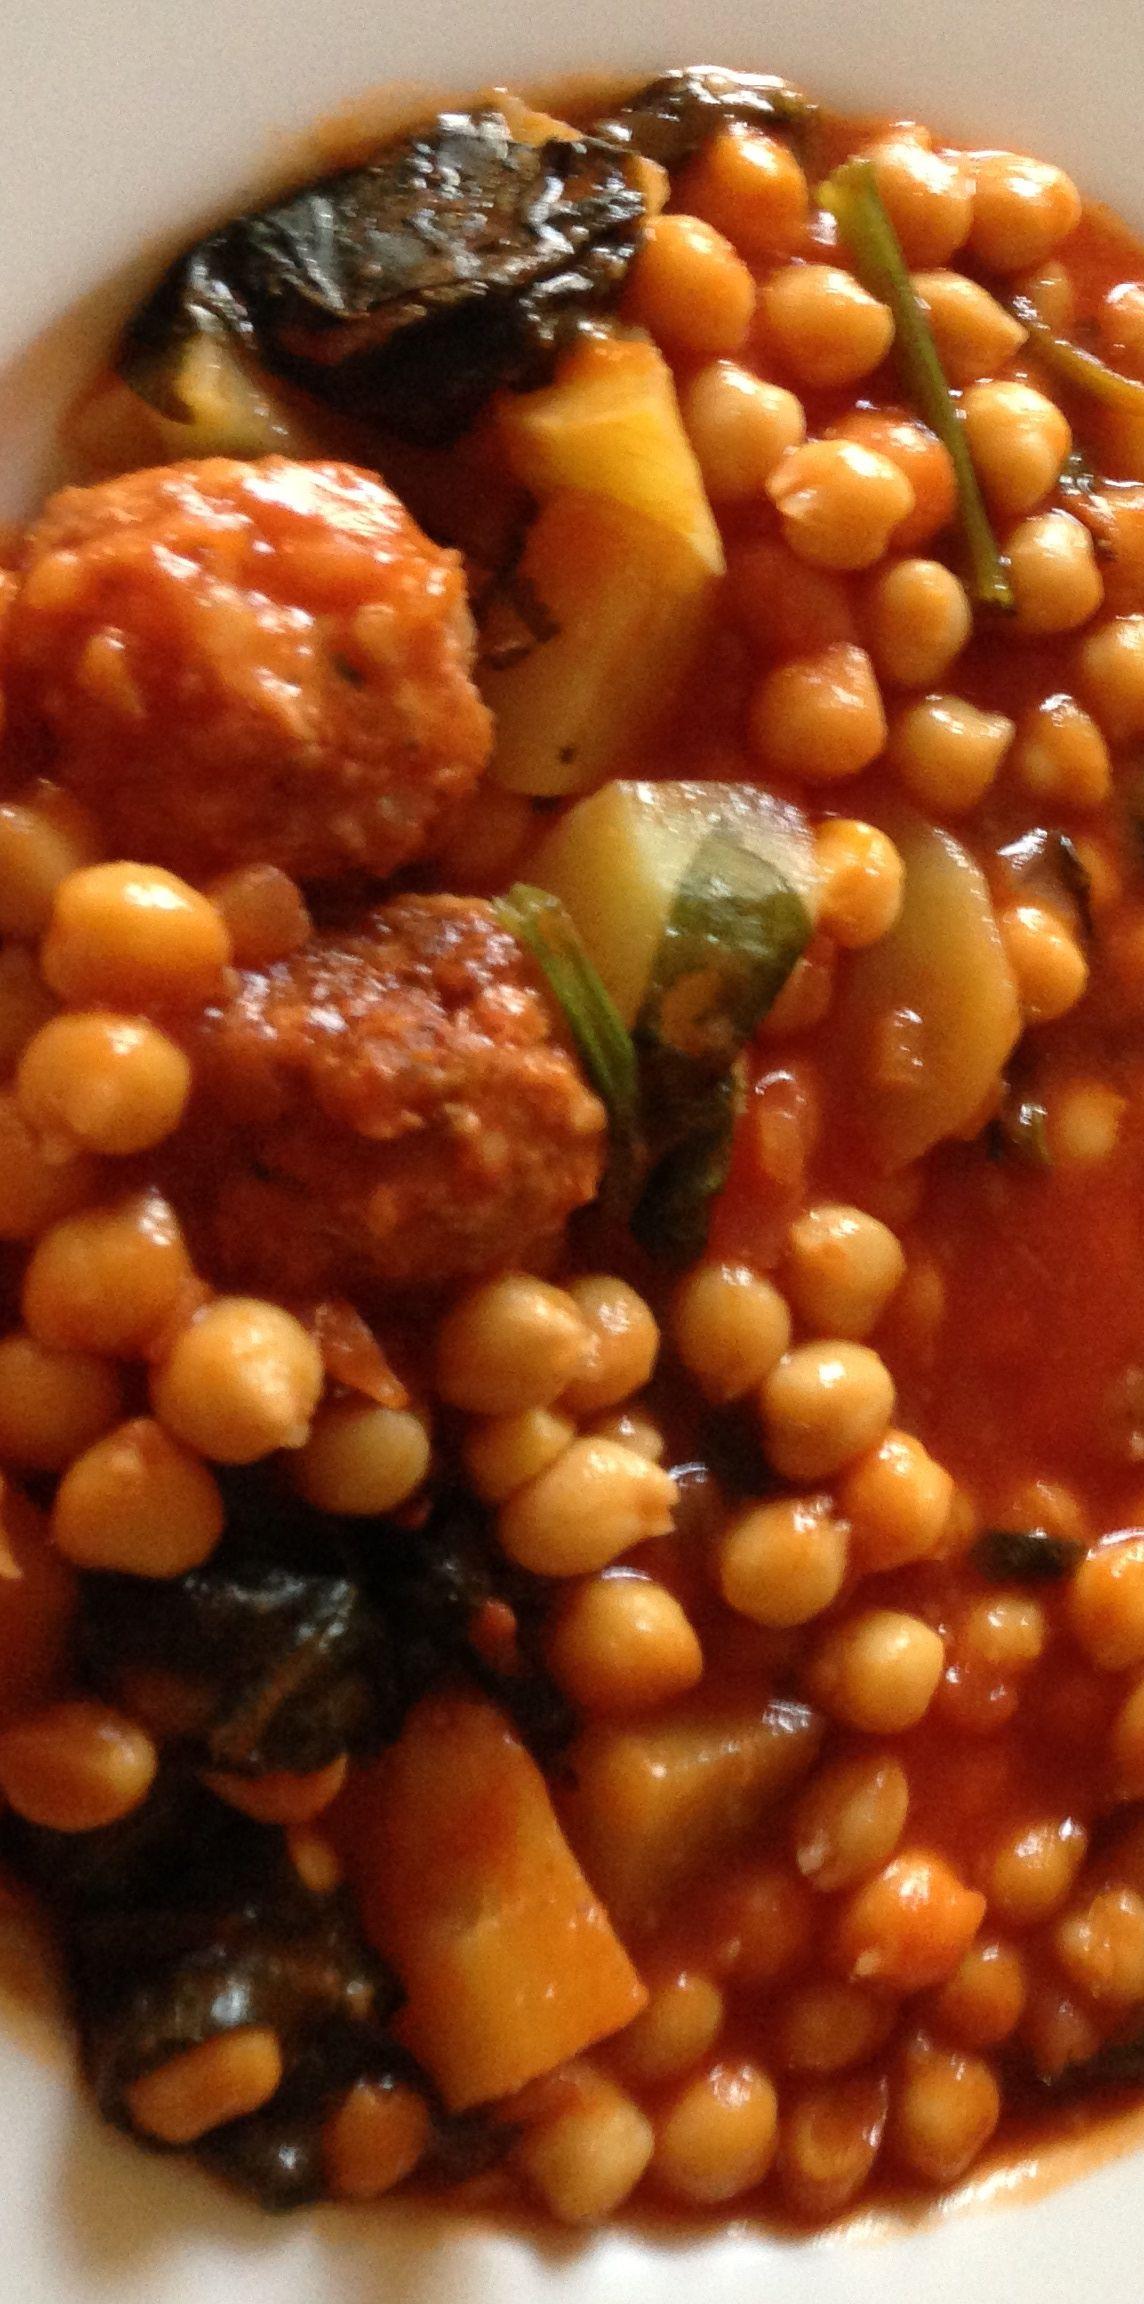 Garbanzos con alb ndigas cocina espa ola pinterest - Albondigas de verdura ...